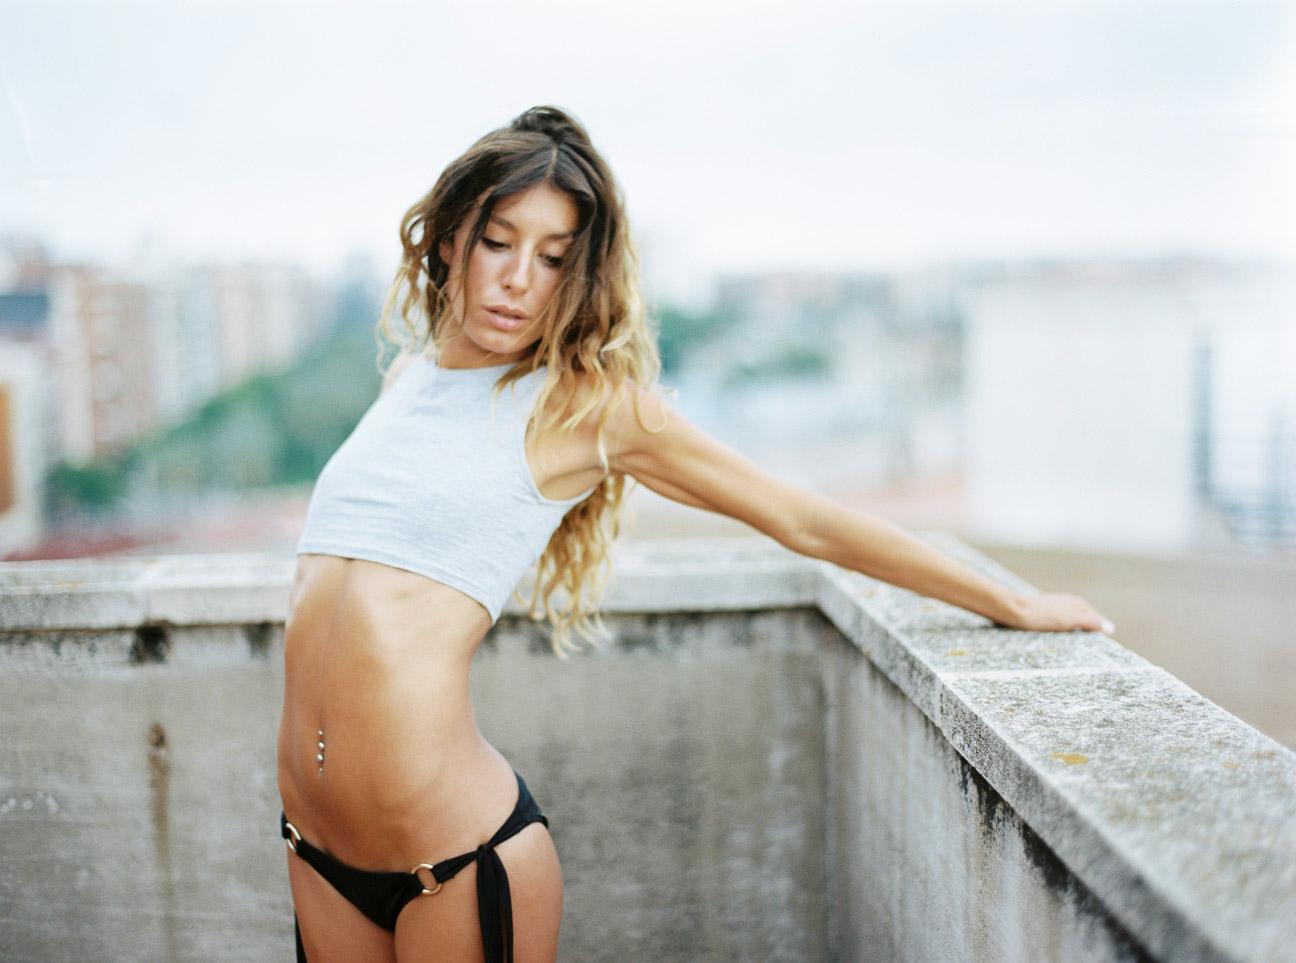 fotografo de boudoir en valencia sexy (1)